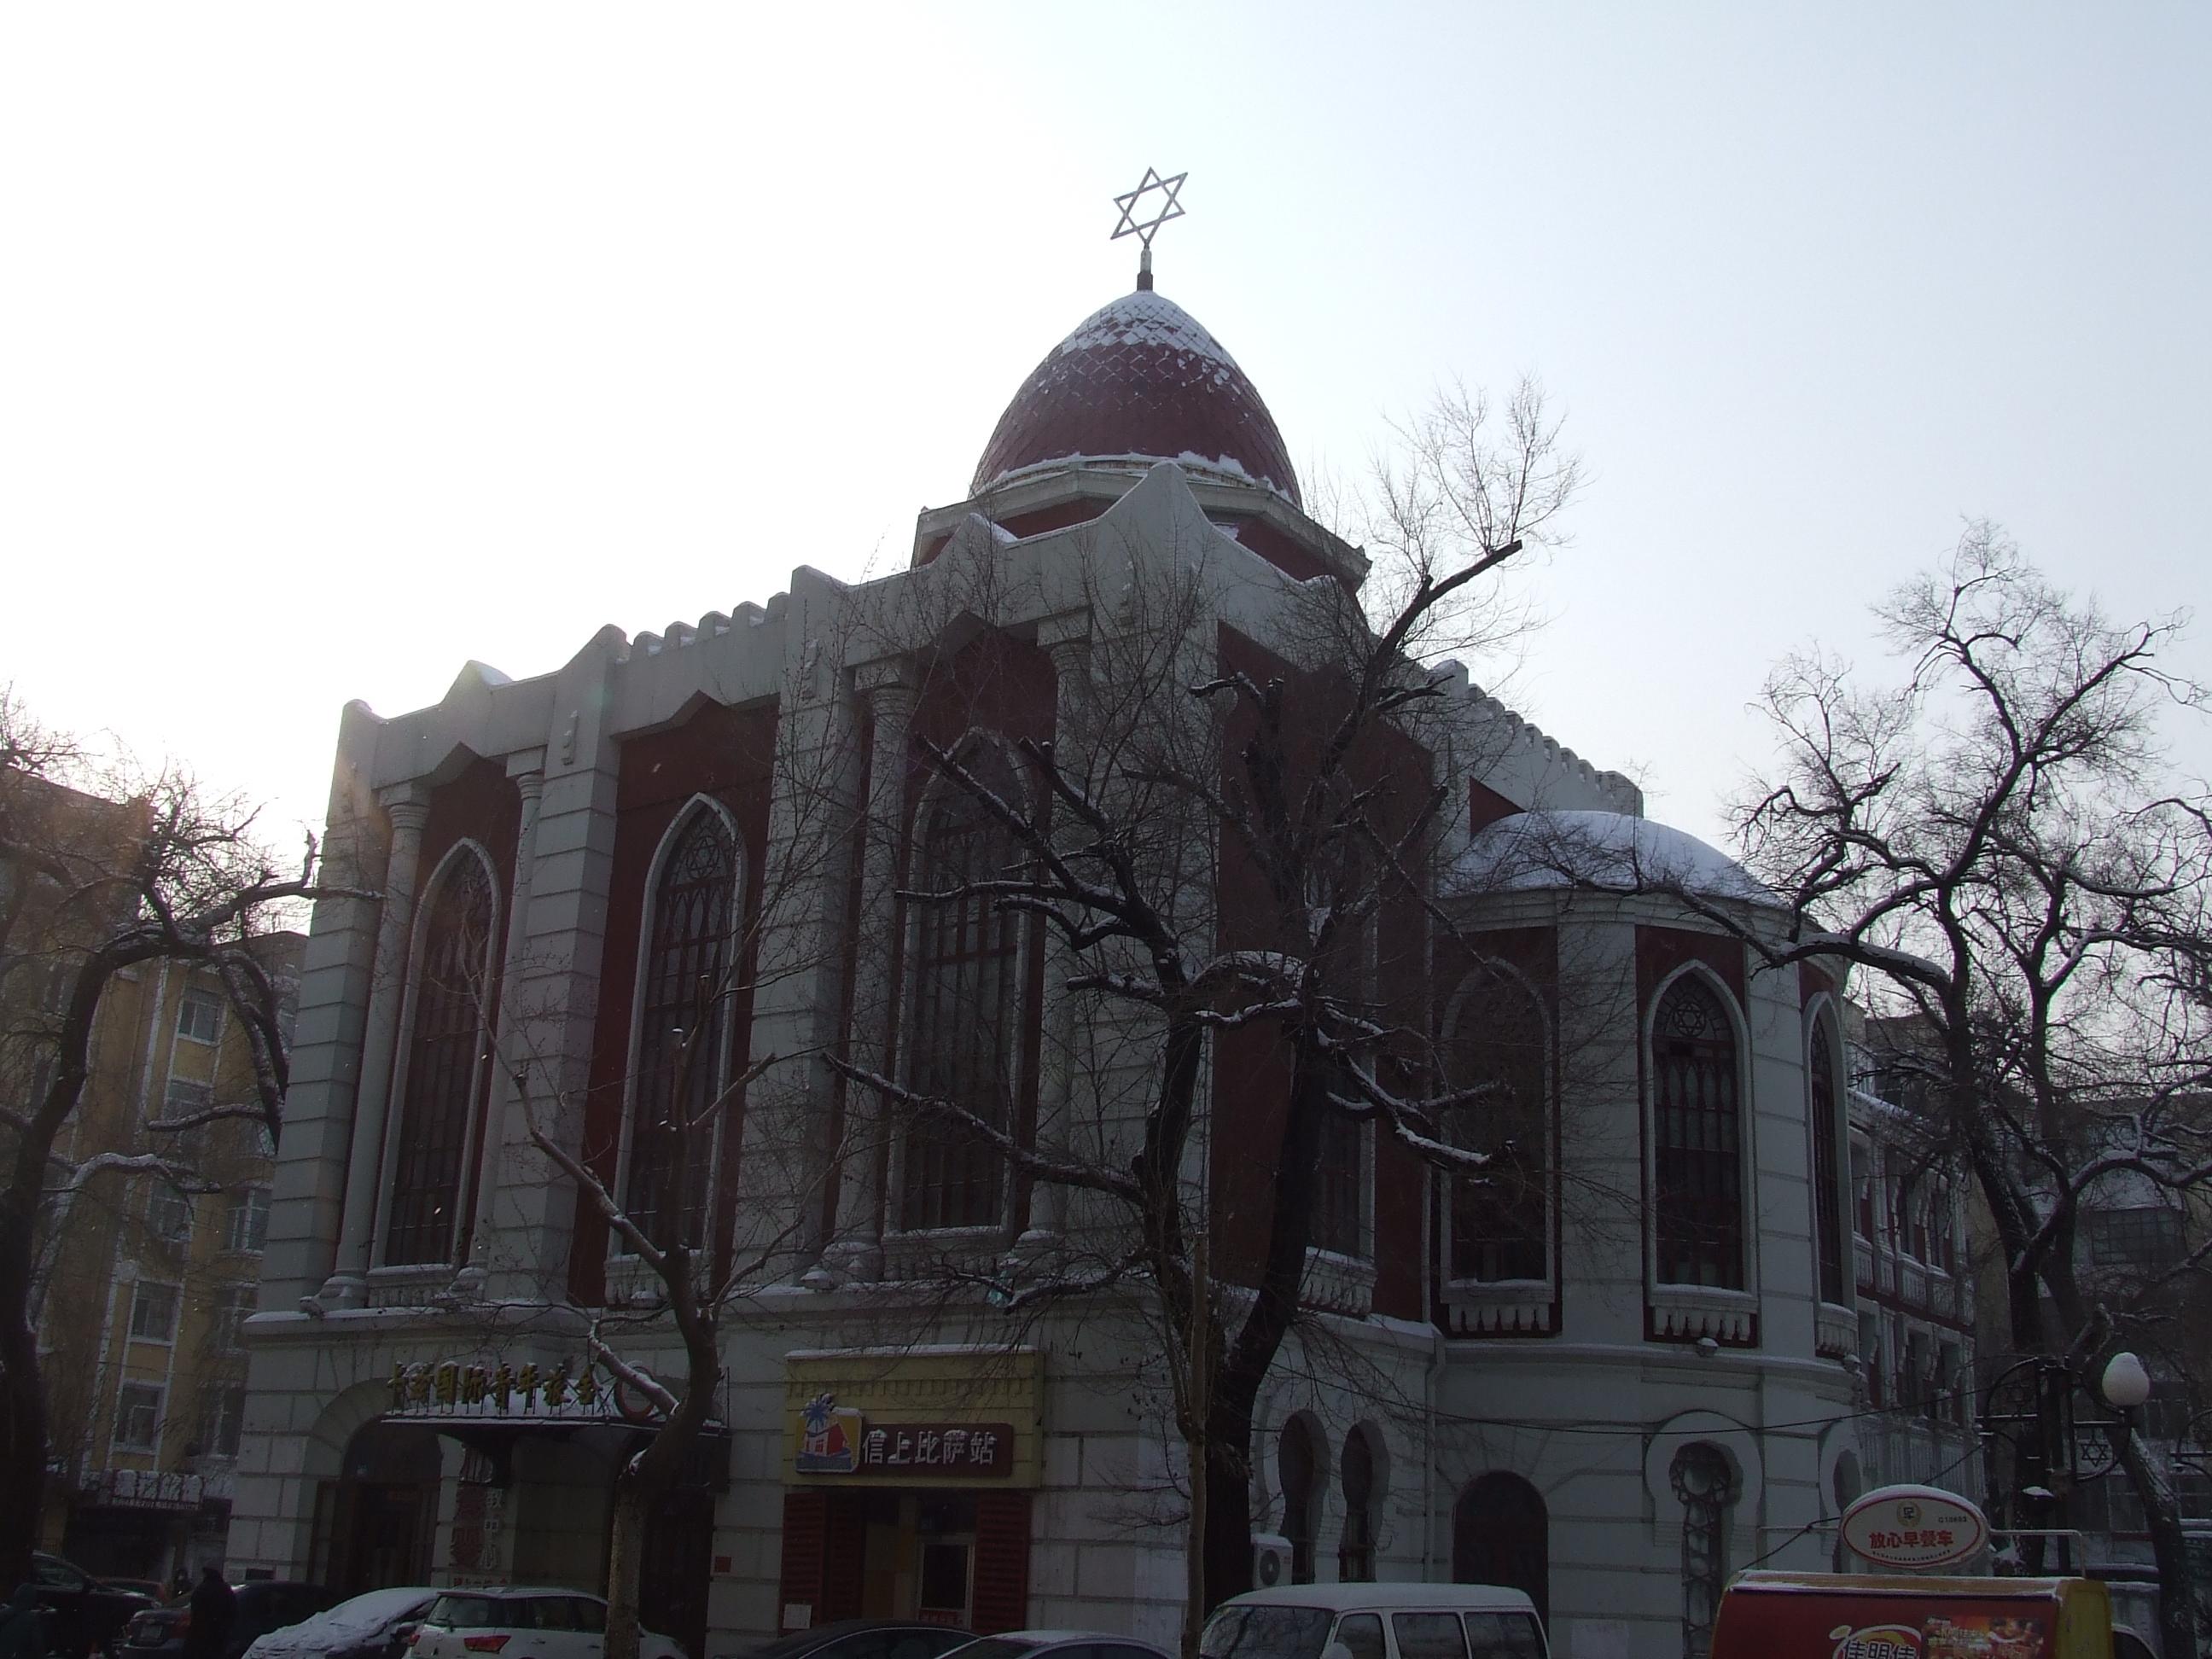 בית הכנסת היהודי בעיר חרבין, כיום גס